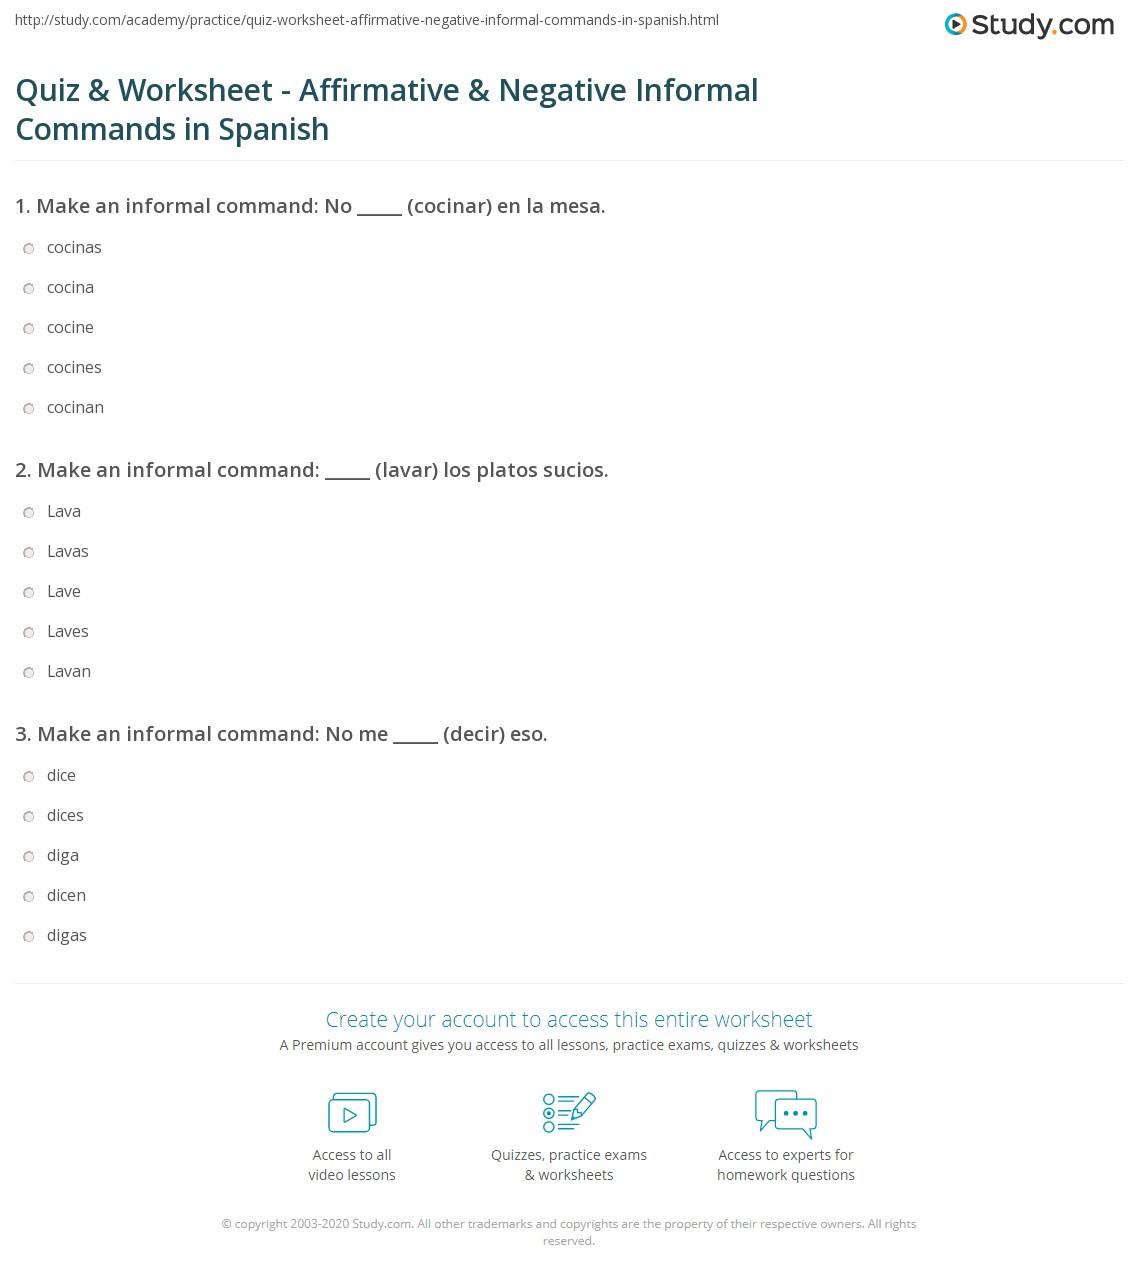 quiz worksheet affirmative negative informal commands in spanish. Black Bedroom Furniture Sets. Home Design Ideas